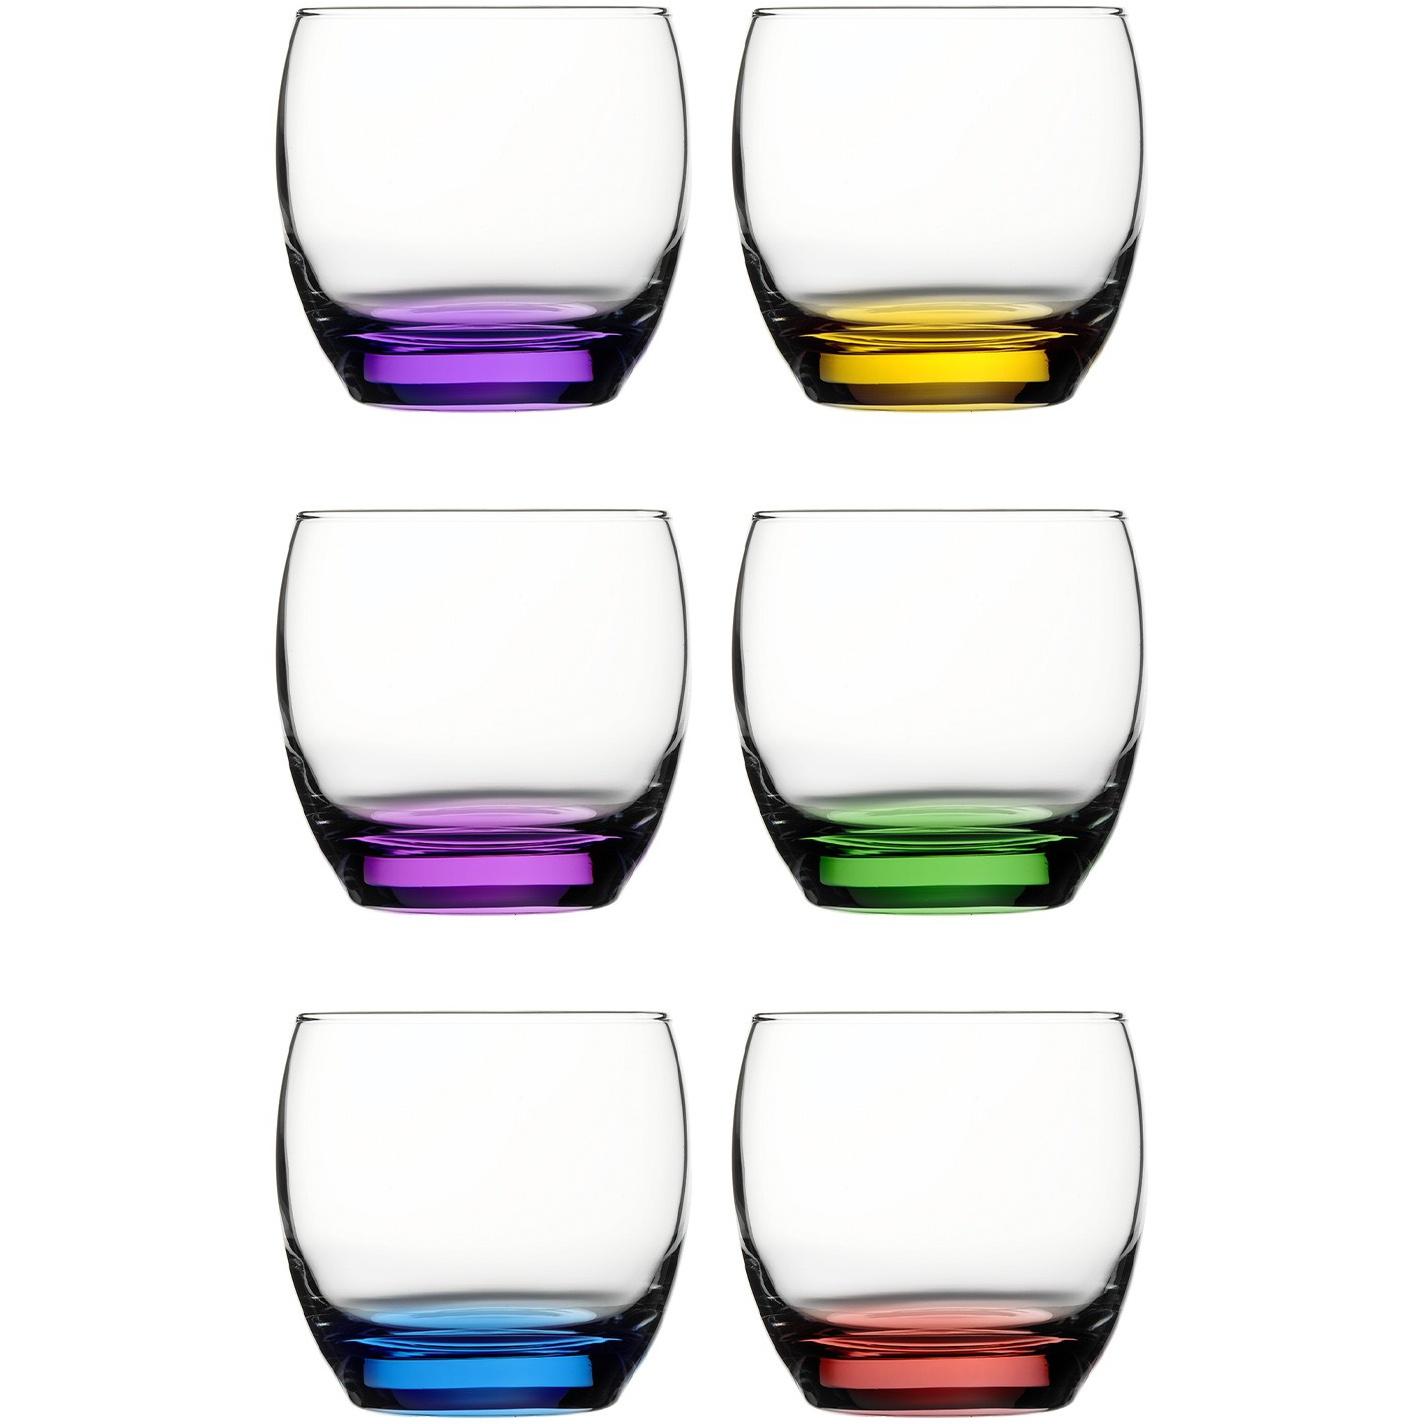 Jogo de Copos de Vidro para Whisky 6 Pecas 340ml - 95731- Mypa